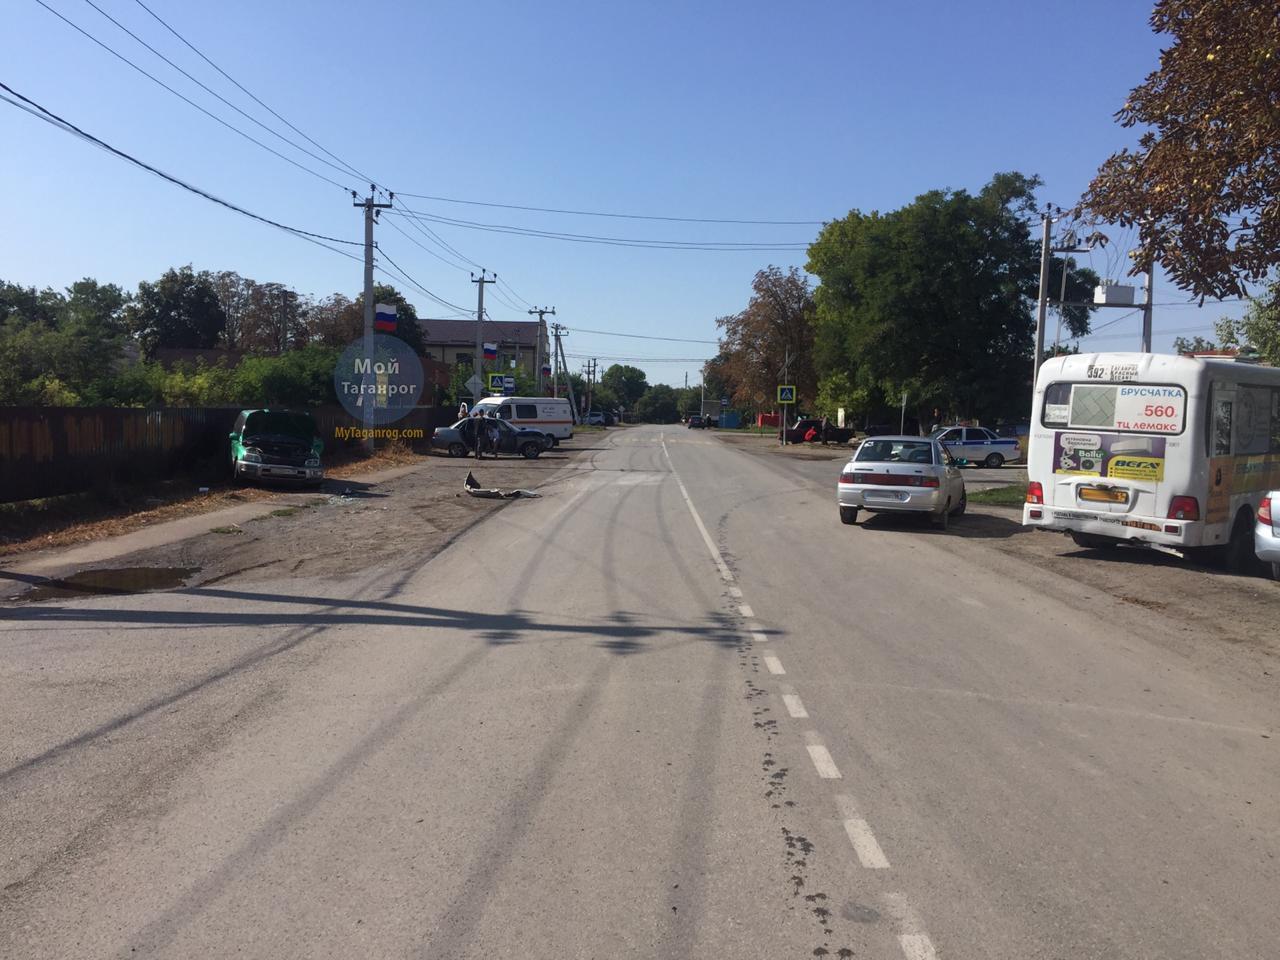 Под Таганрогом автоледи на «ВАЗ-21101» врезалась в стоящий автомобиль, есть пострадавший